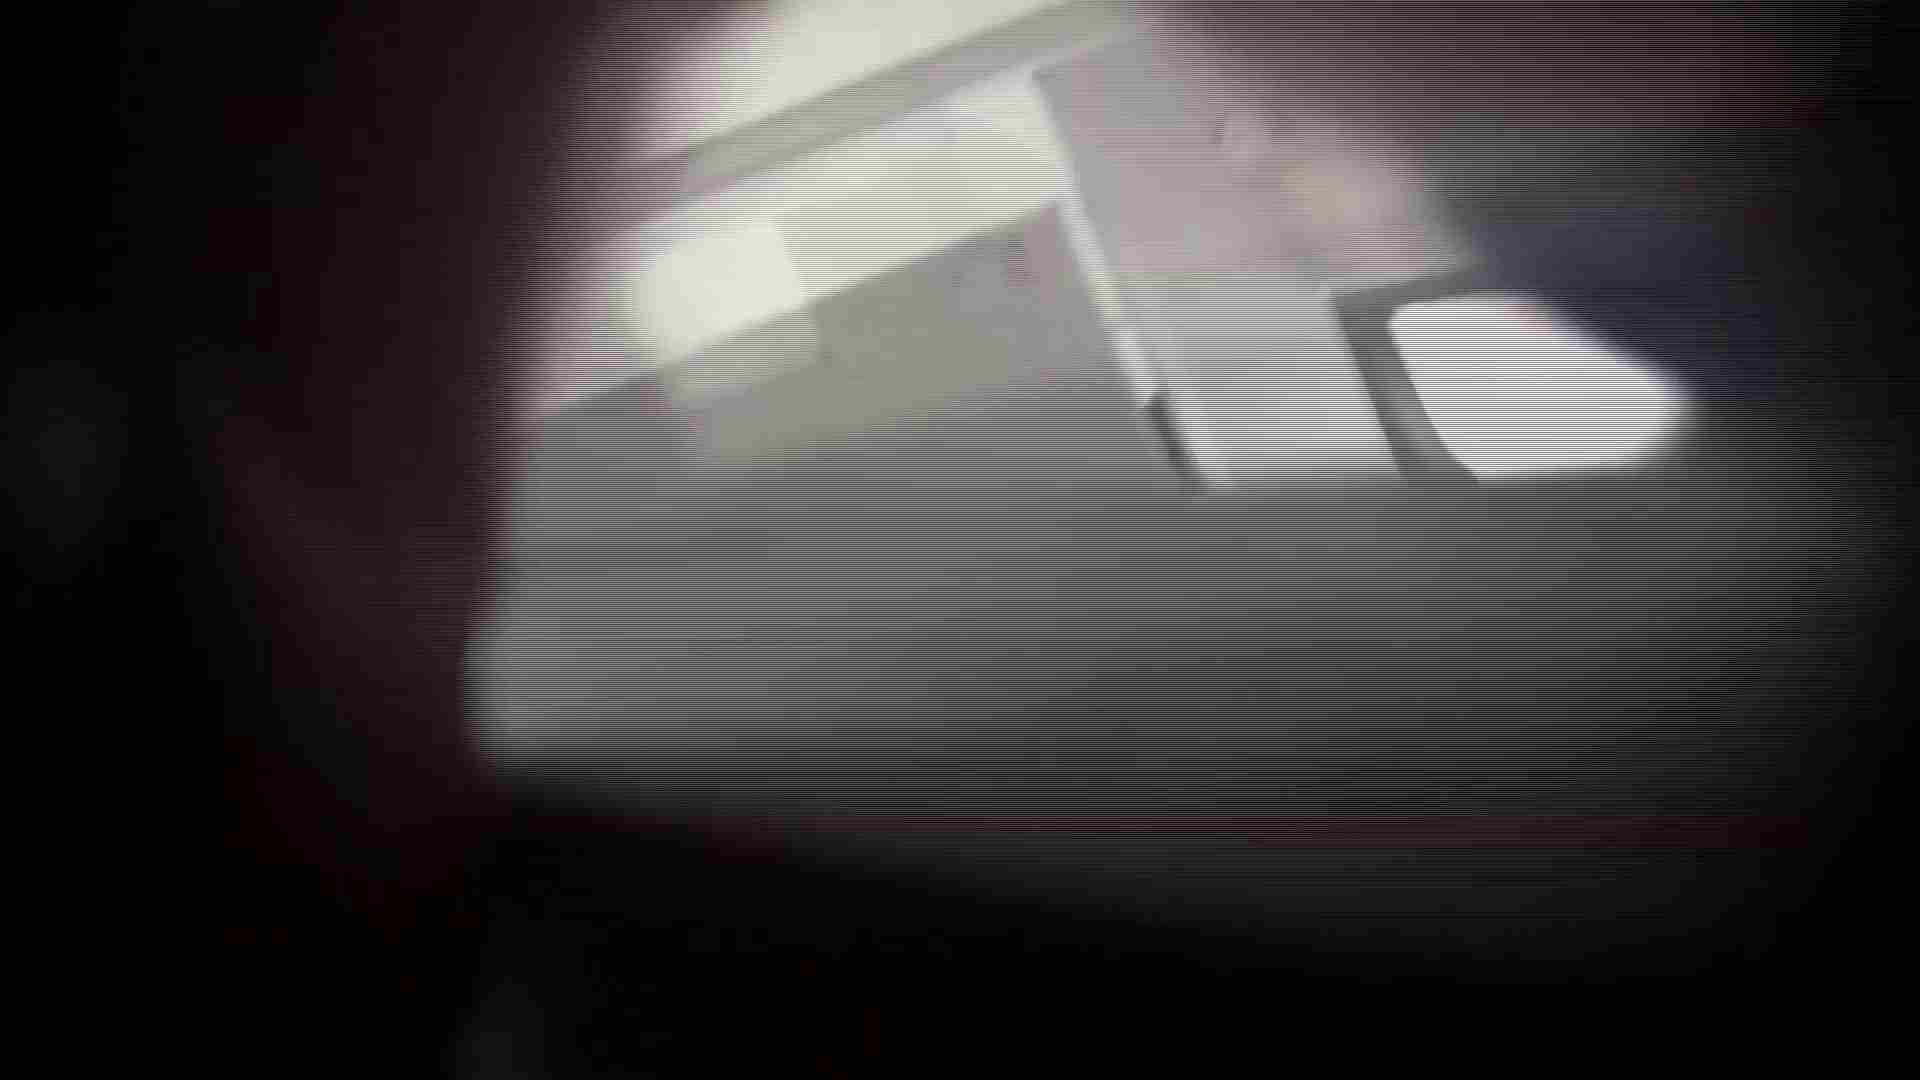 ステーション編 vol45 綺麗な「線」しか見えないっす。 OL女体 | 0  53連発 23